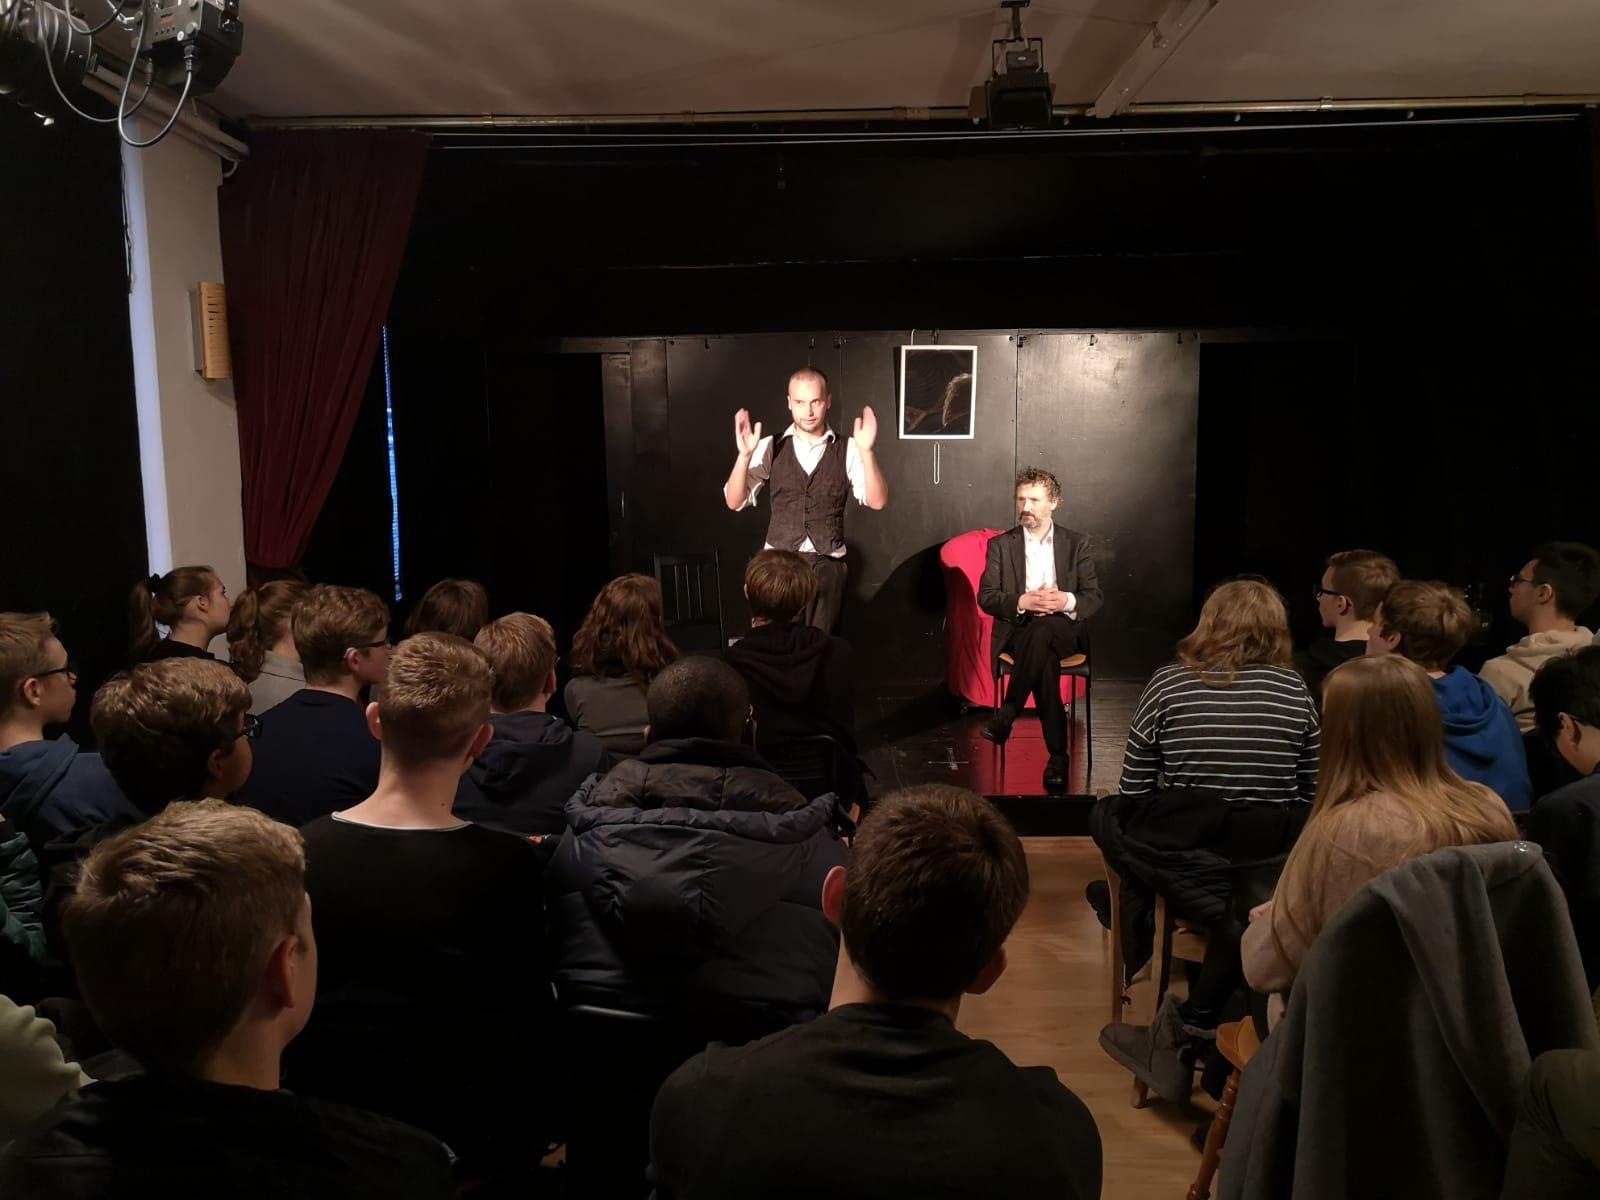 Goethes Faust: Eindrucksvolles Kammerspiel in Essen